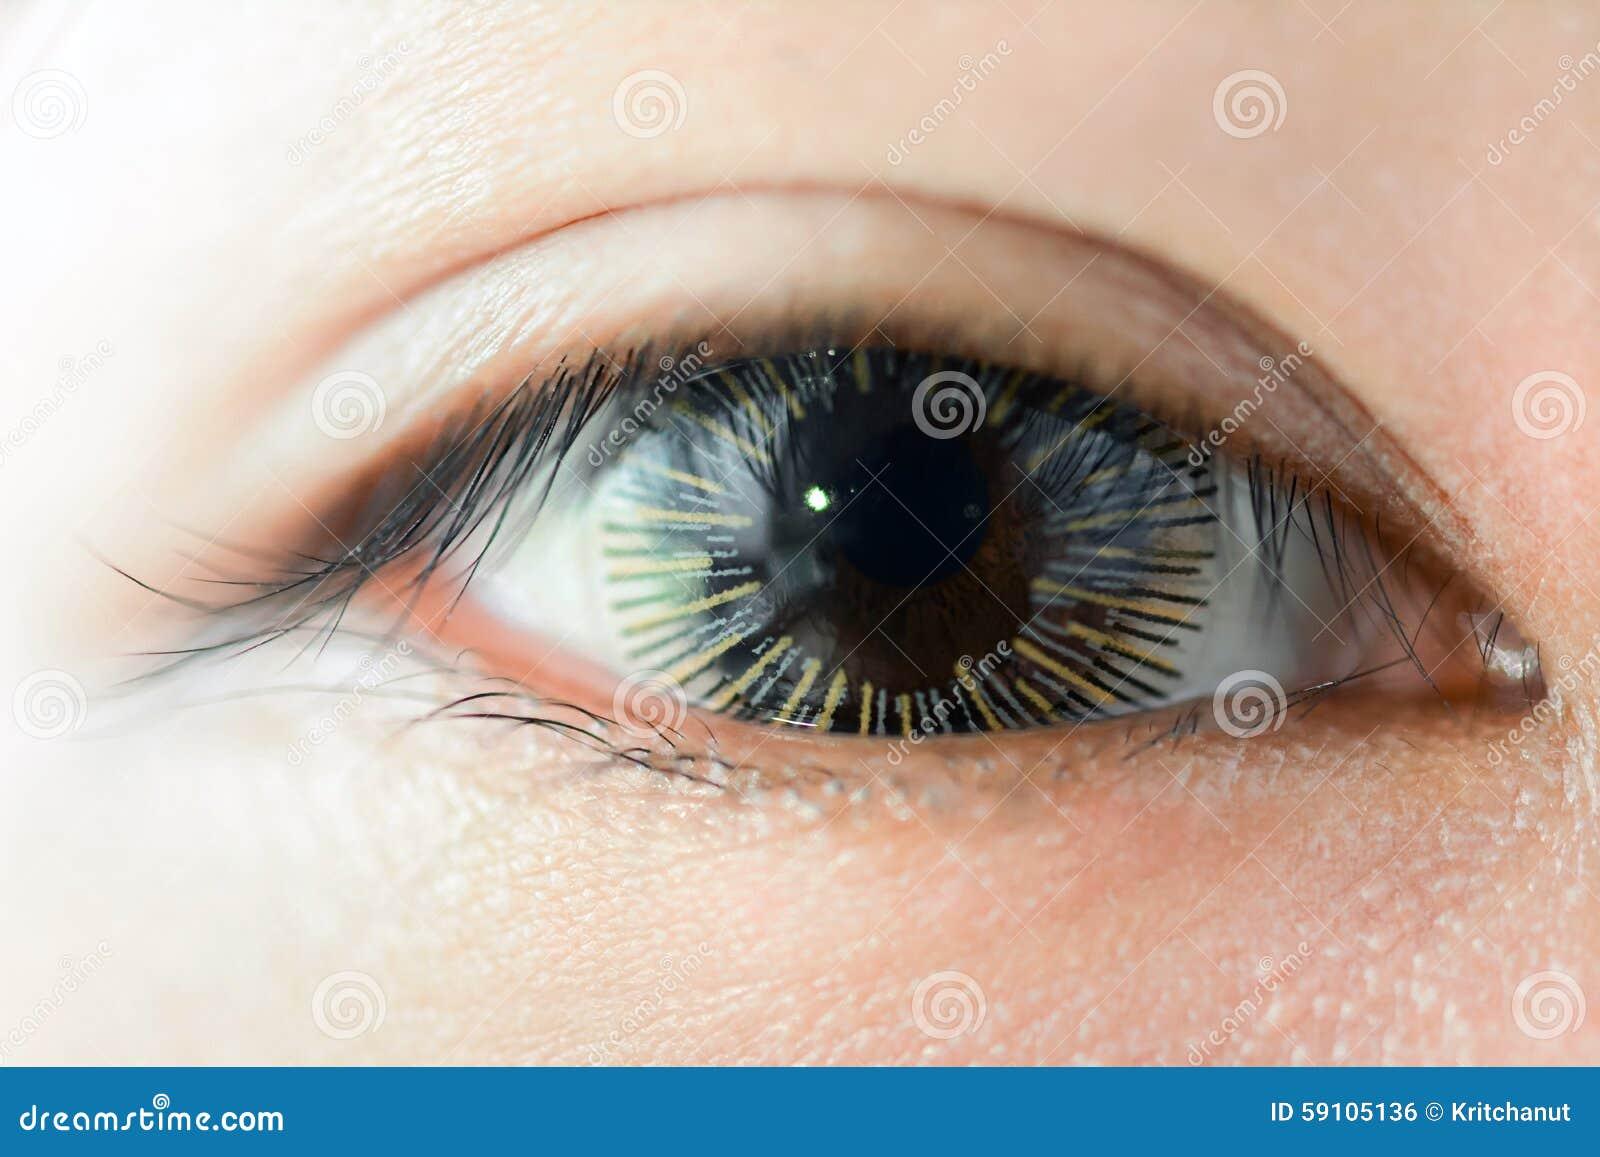 佩带花梢隐形眼镜的妇女眼睛